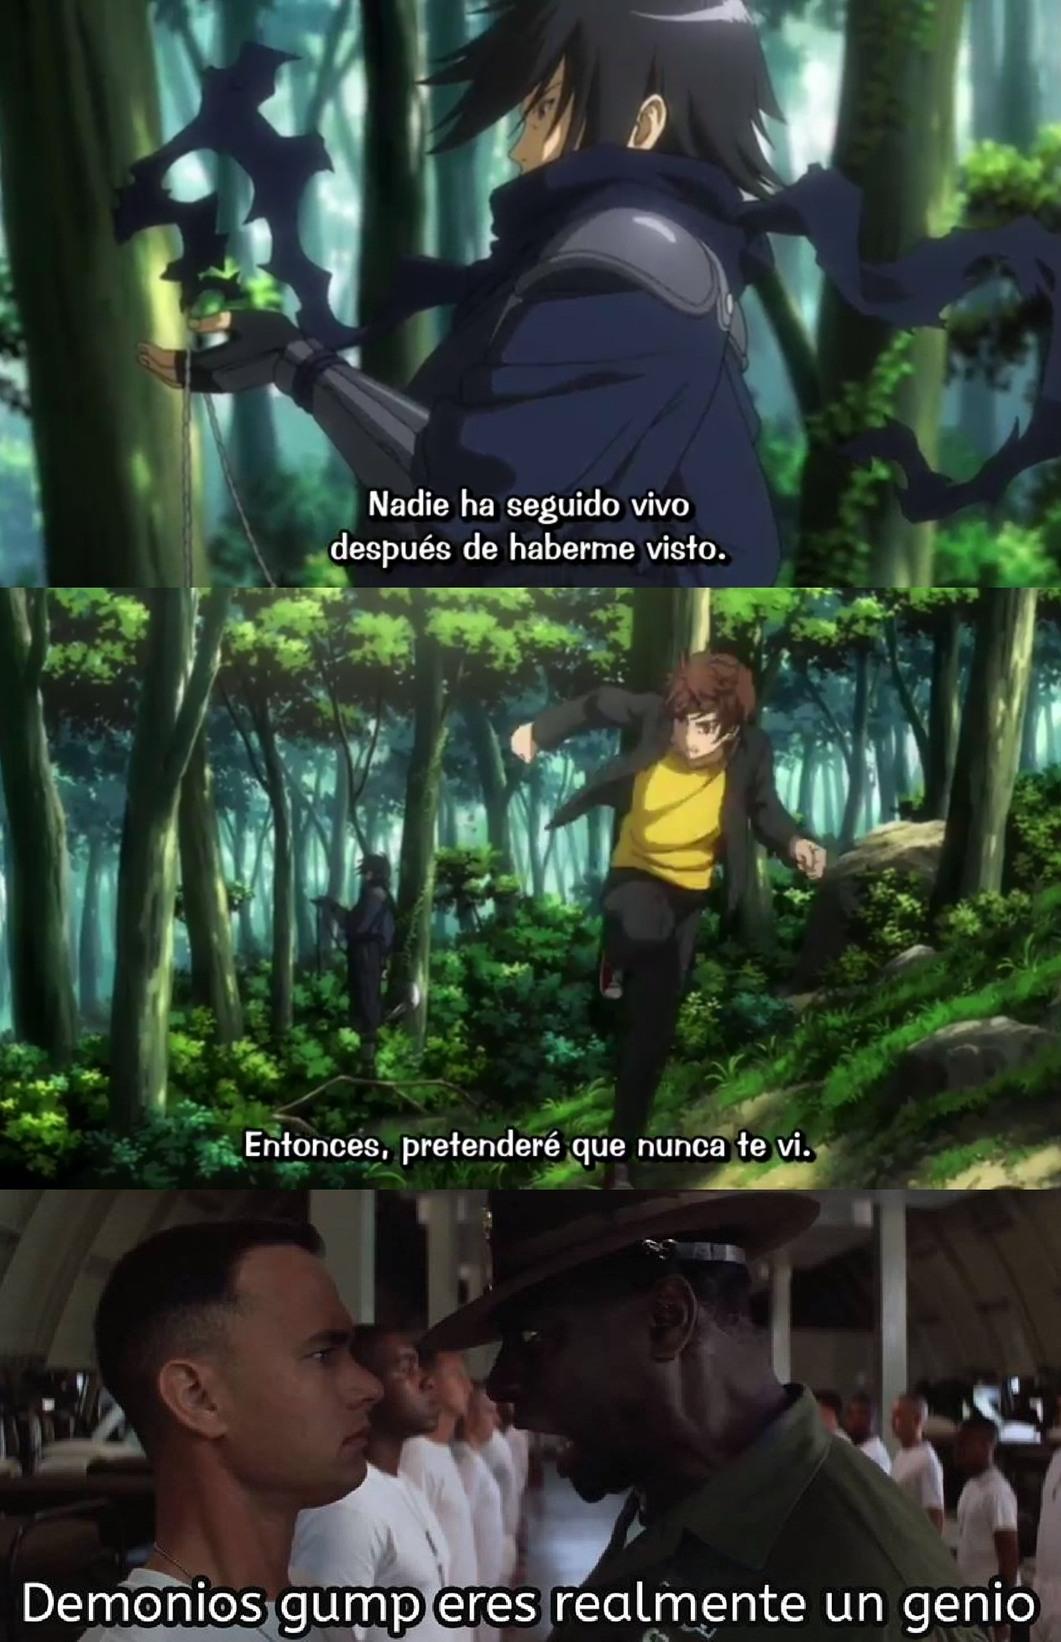 Top 10 Respuestas del Anime - meme